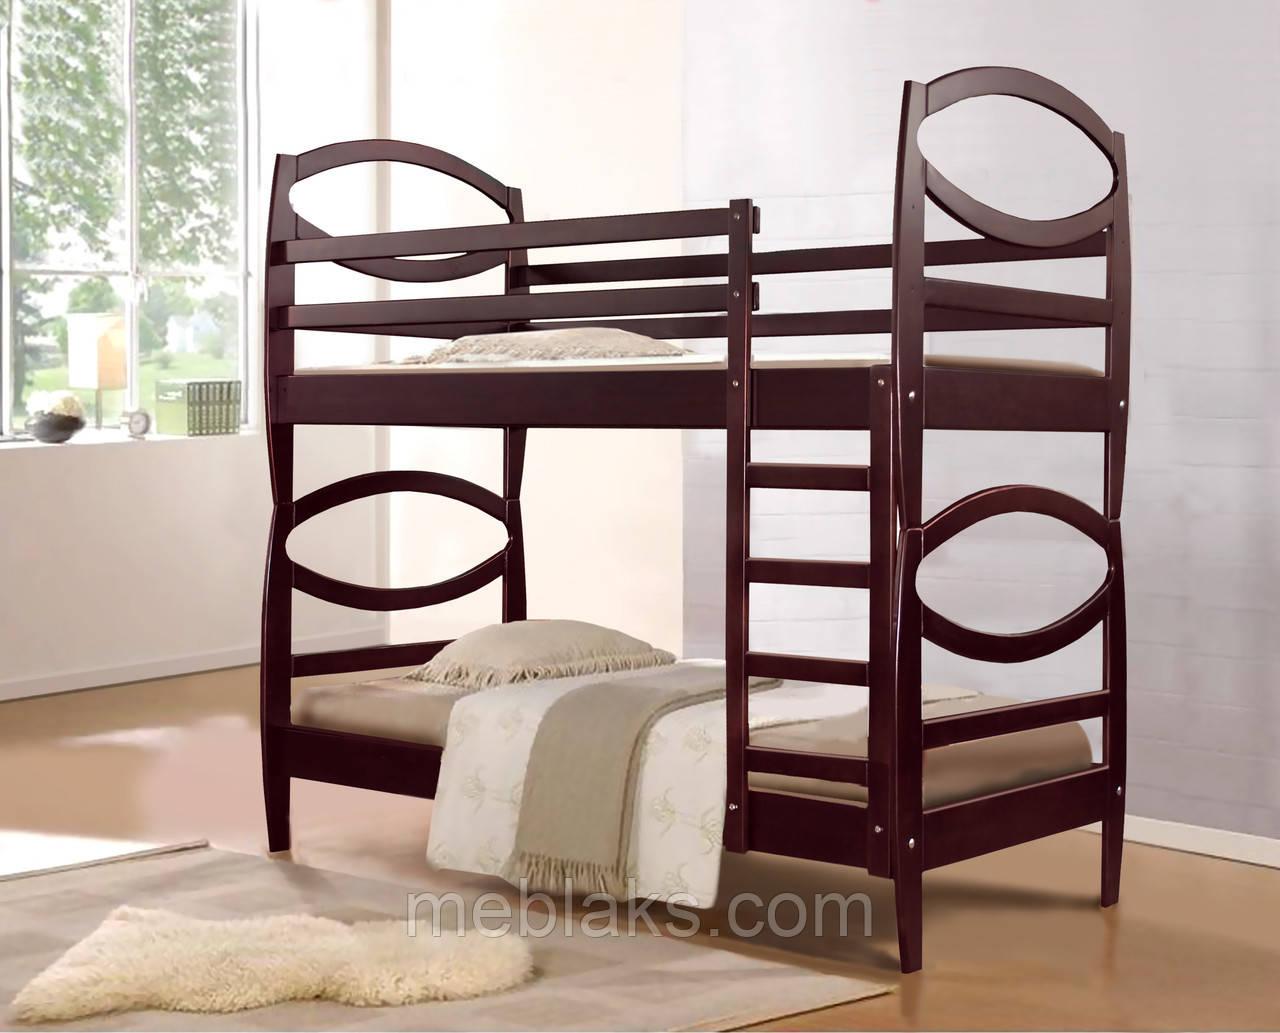 """Кровать двухъярусная """"Виктория""""  в спальню (серия Елегант)  Микс Мебель"""